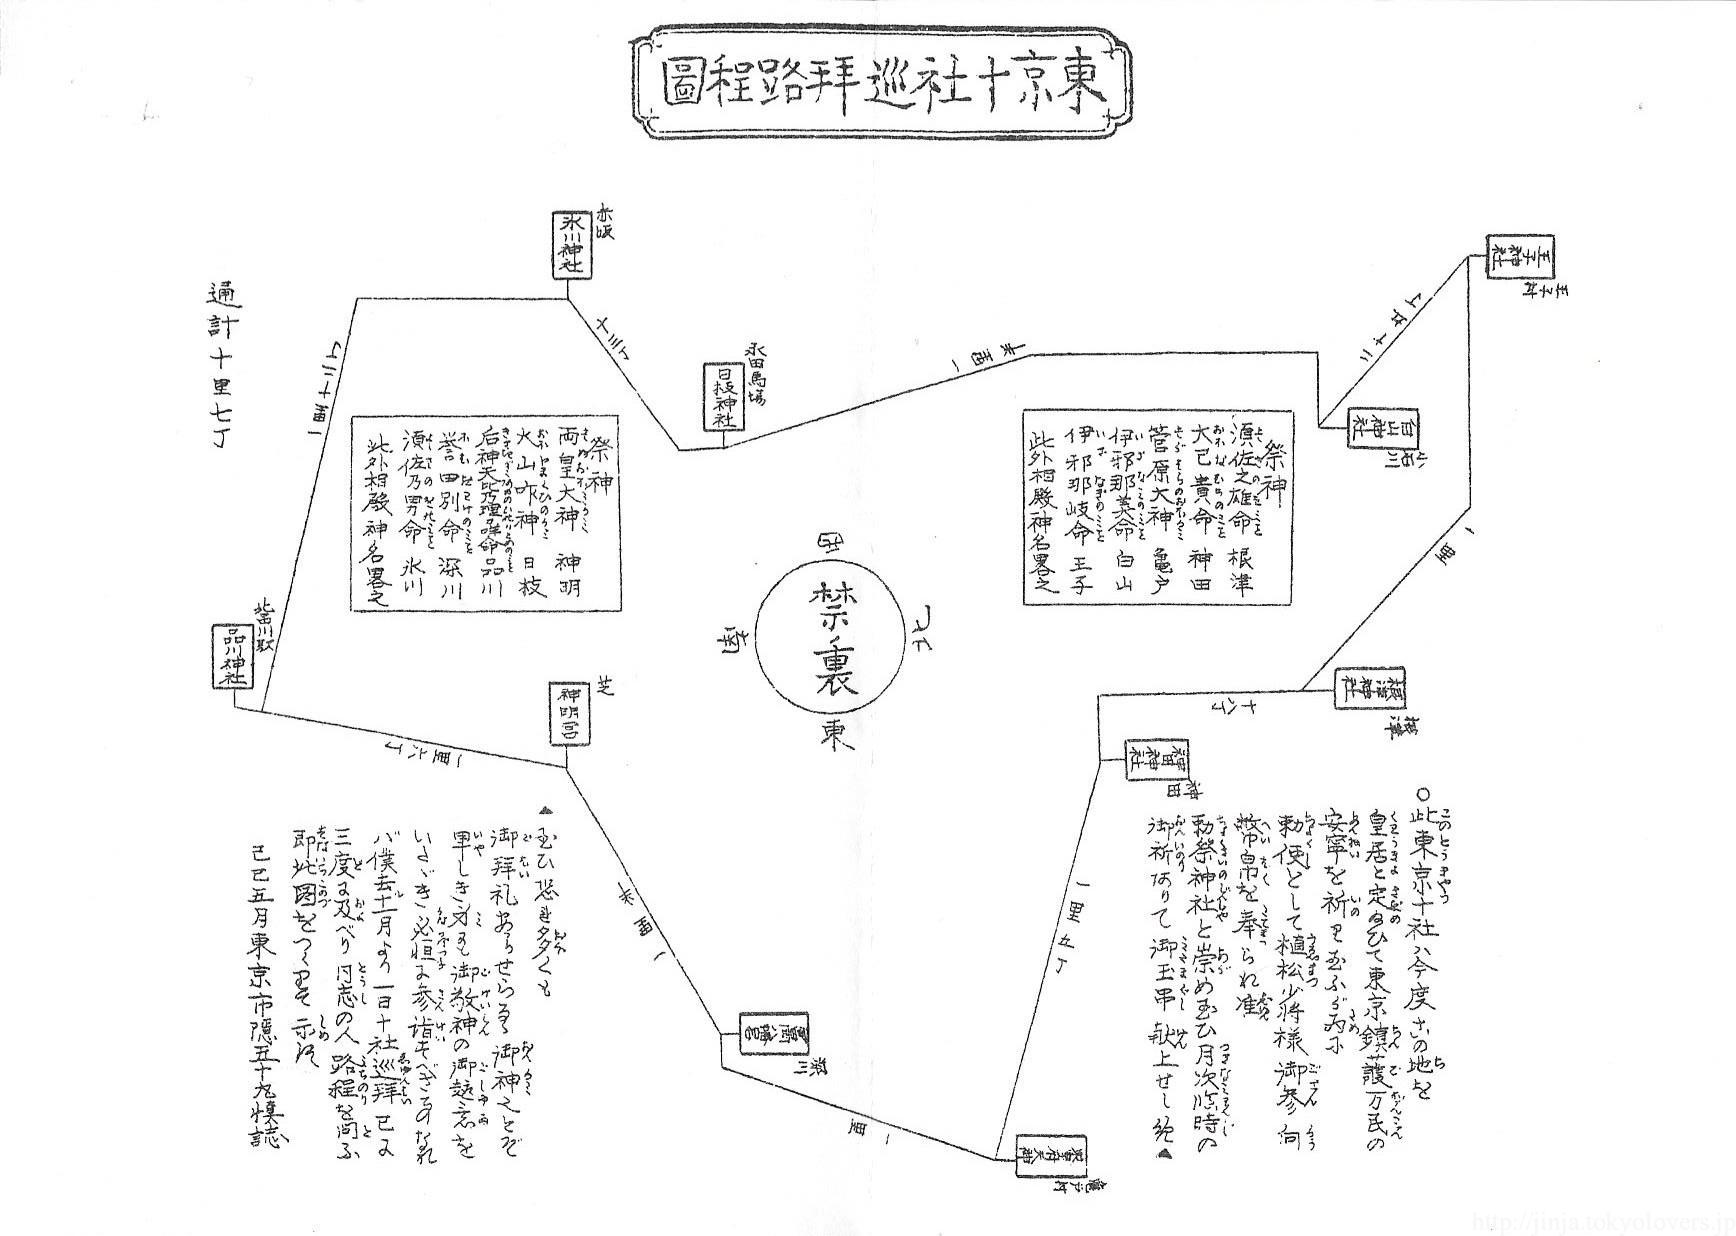 東京十社巡拝路程図